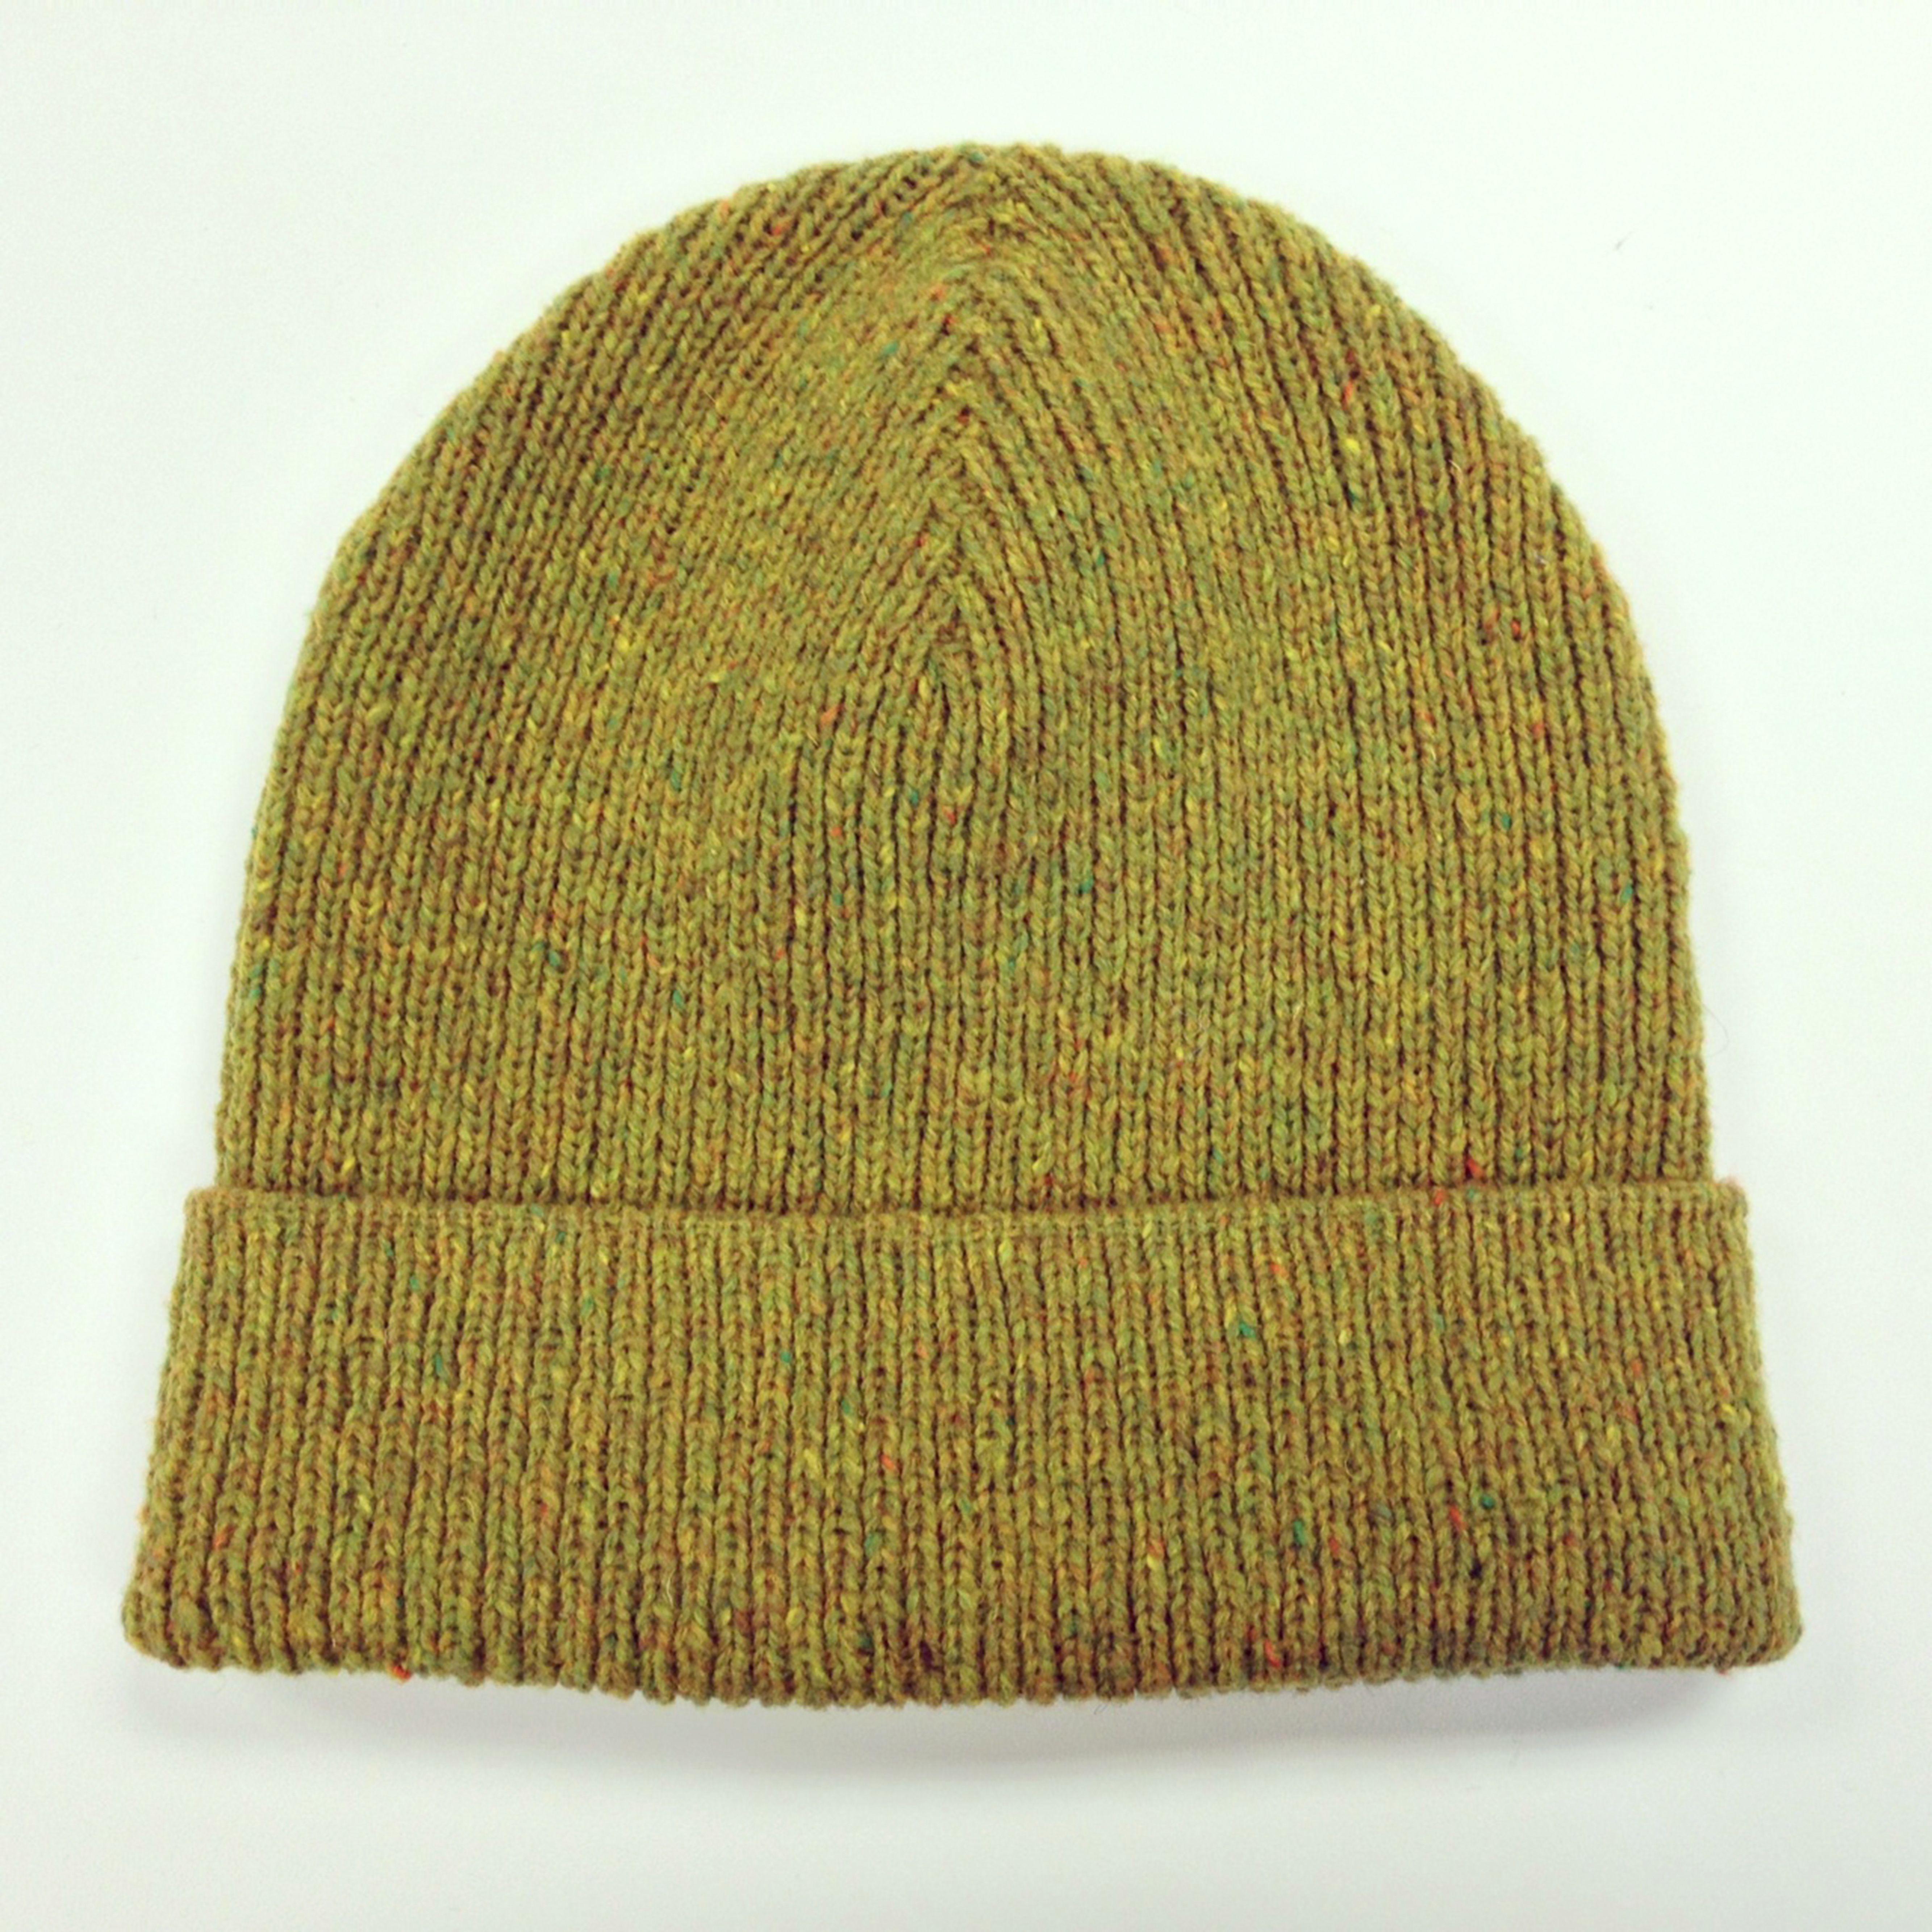 5138ba37e60 Watch Cap hand knit by Lauren Mayhew